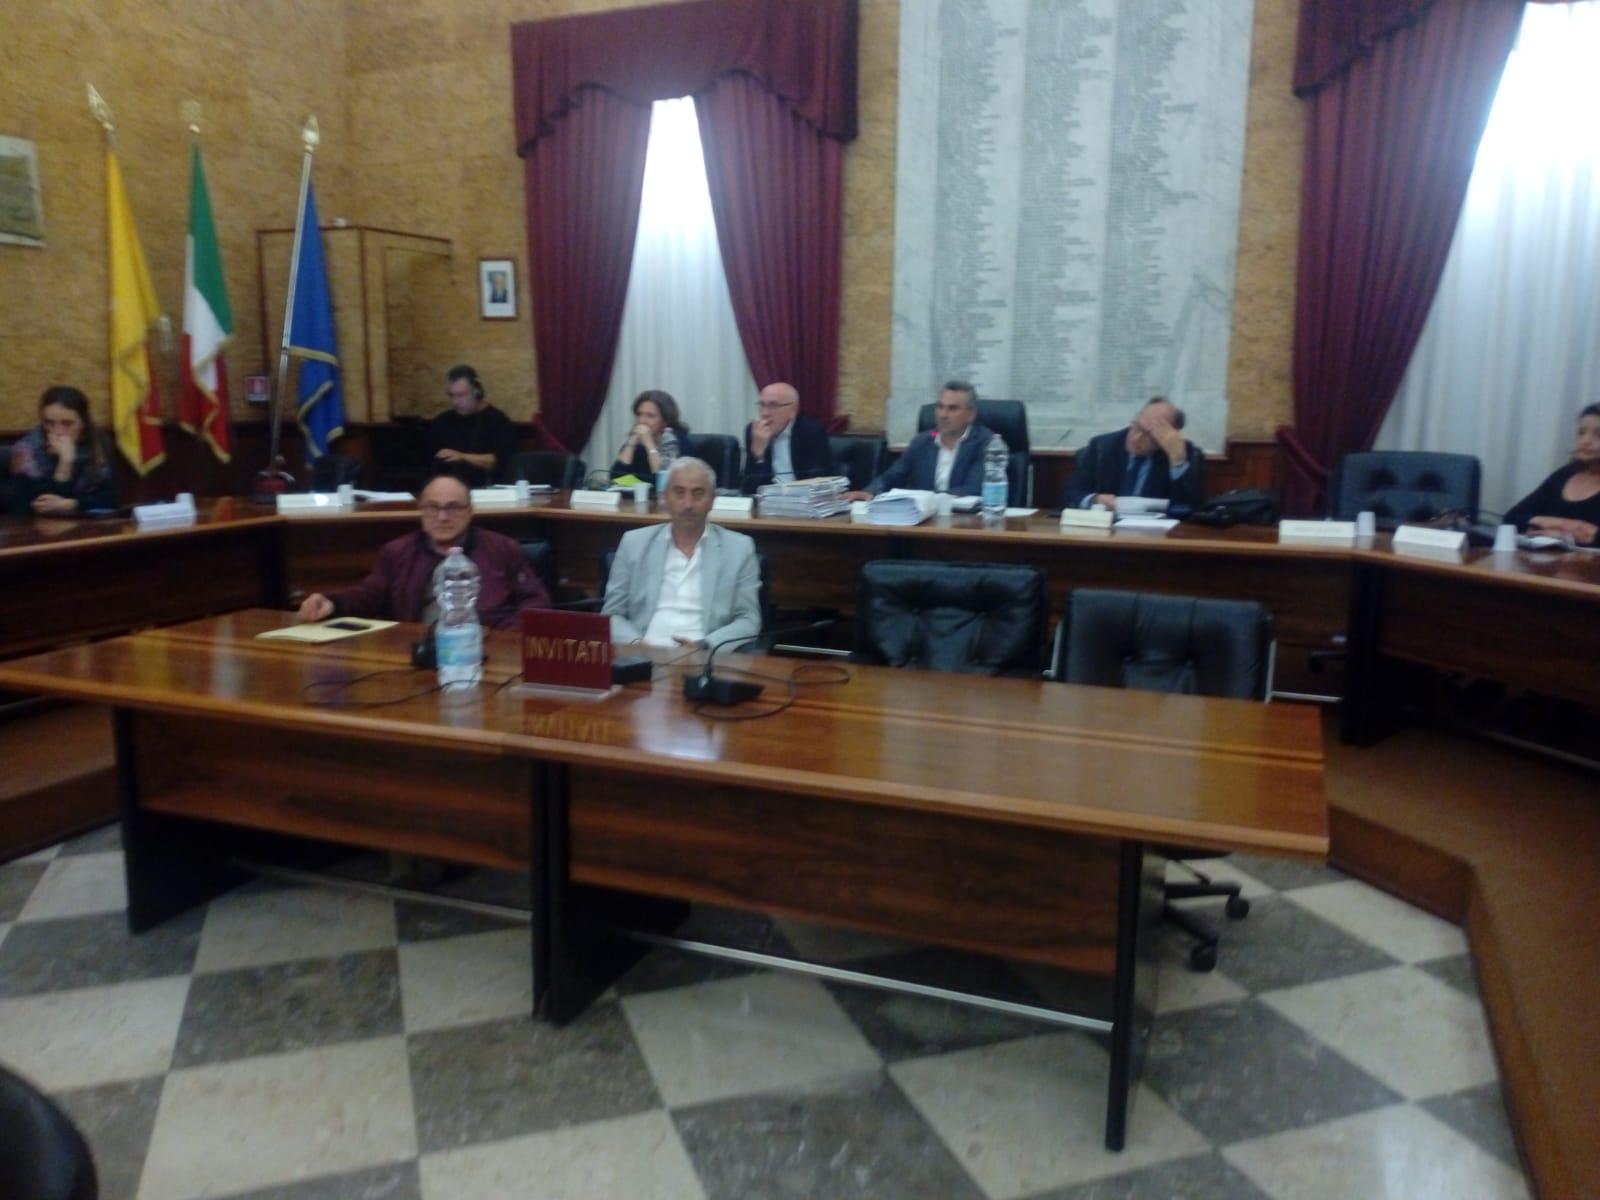 Il Consiglio approva il piano delle dismissioni degli immobili di proprietà comunale